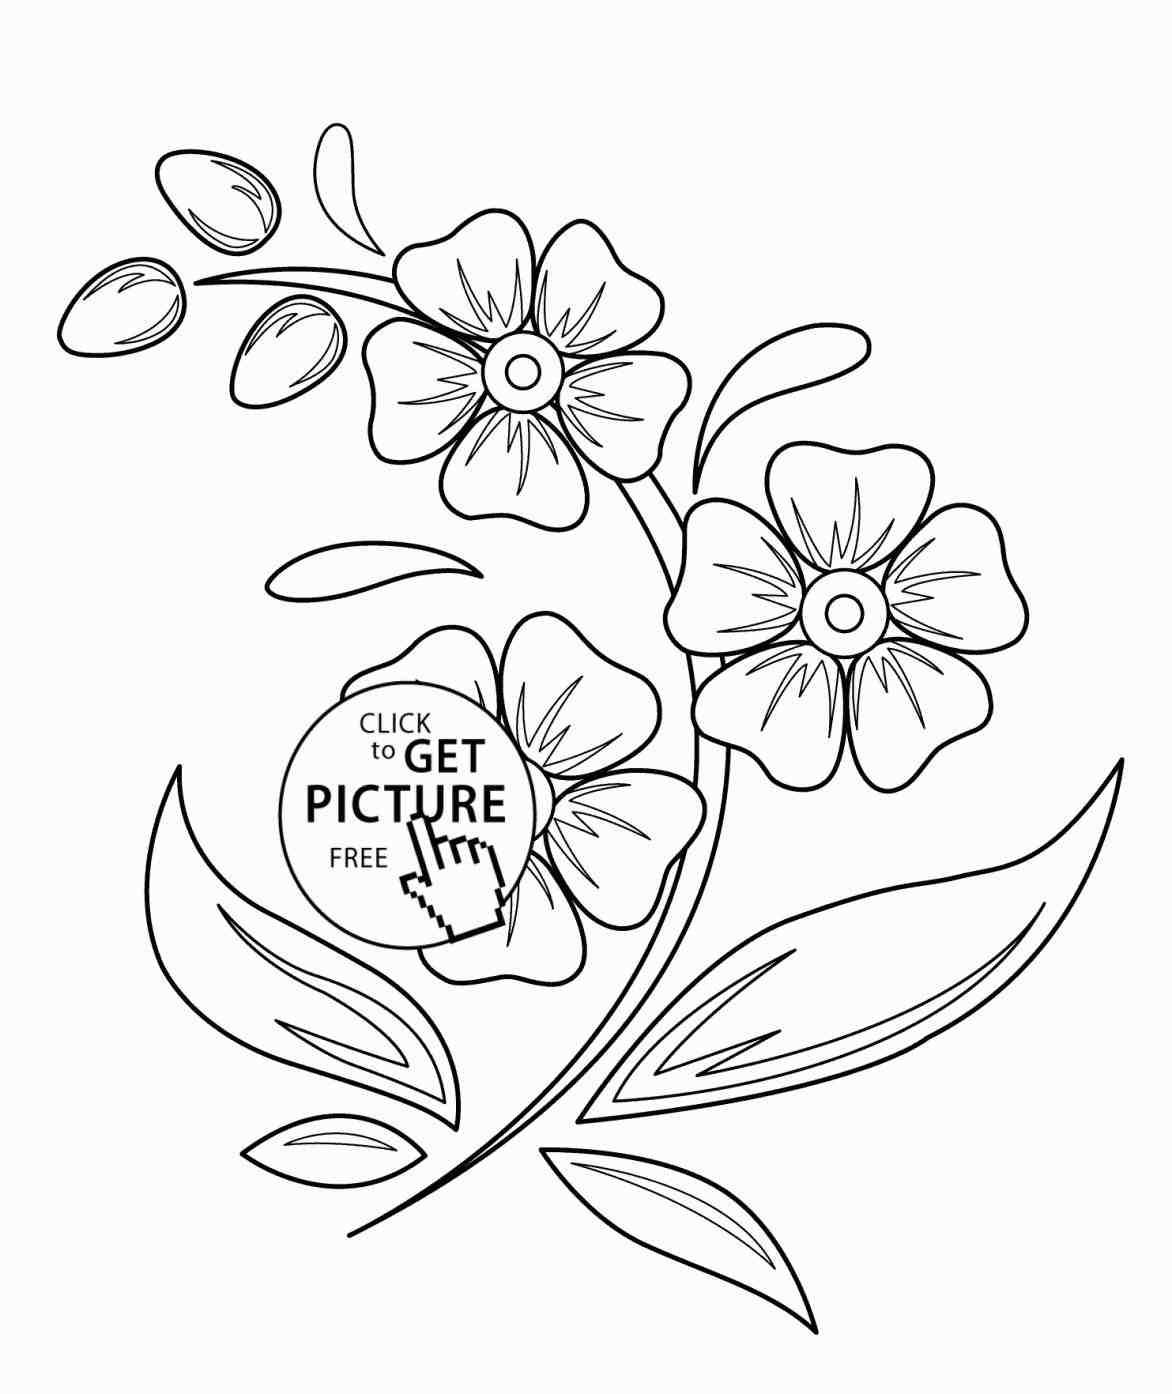 1172x1394 Kids Drawings Of Flowers Drawing Beautiful Drawings Of Flowers